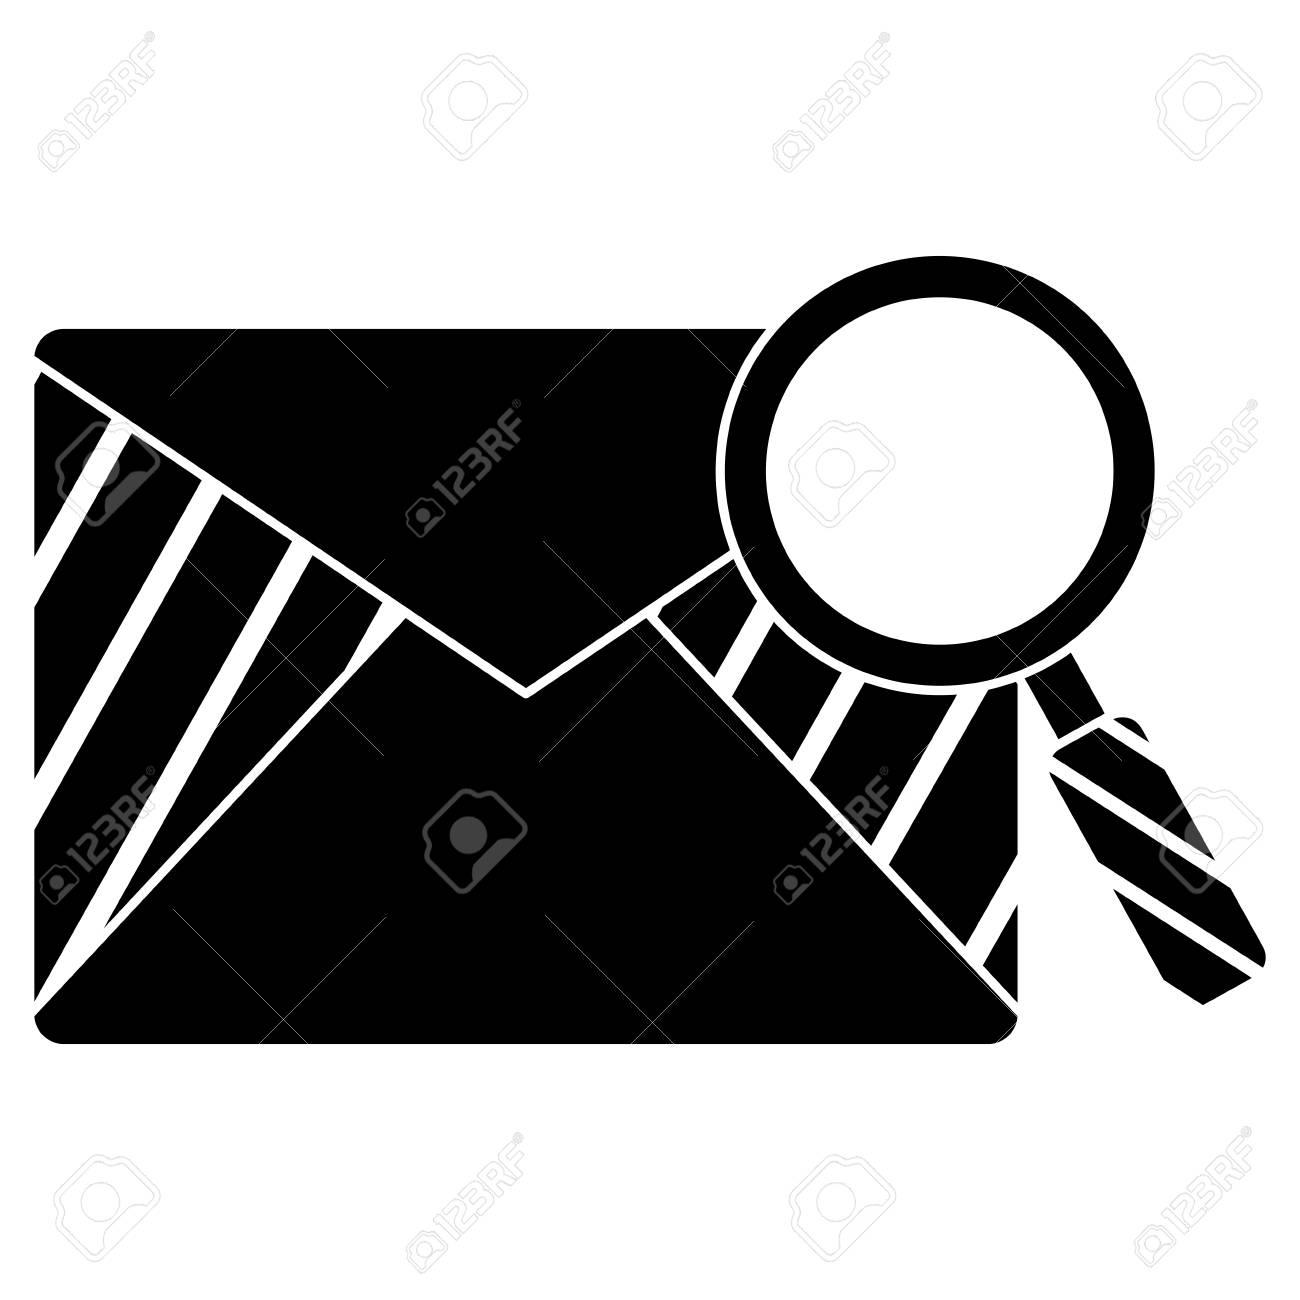 虫眼鏡イラスト デザインとメールの封筒。 ロイヤリティフリークリップ